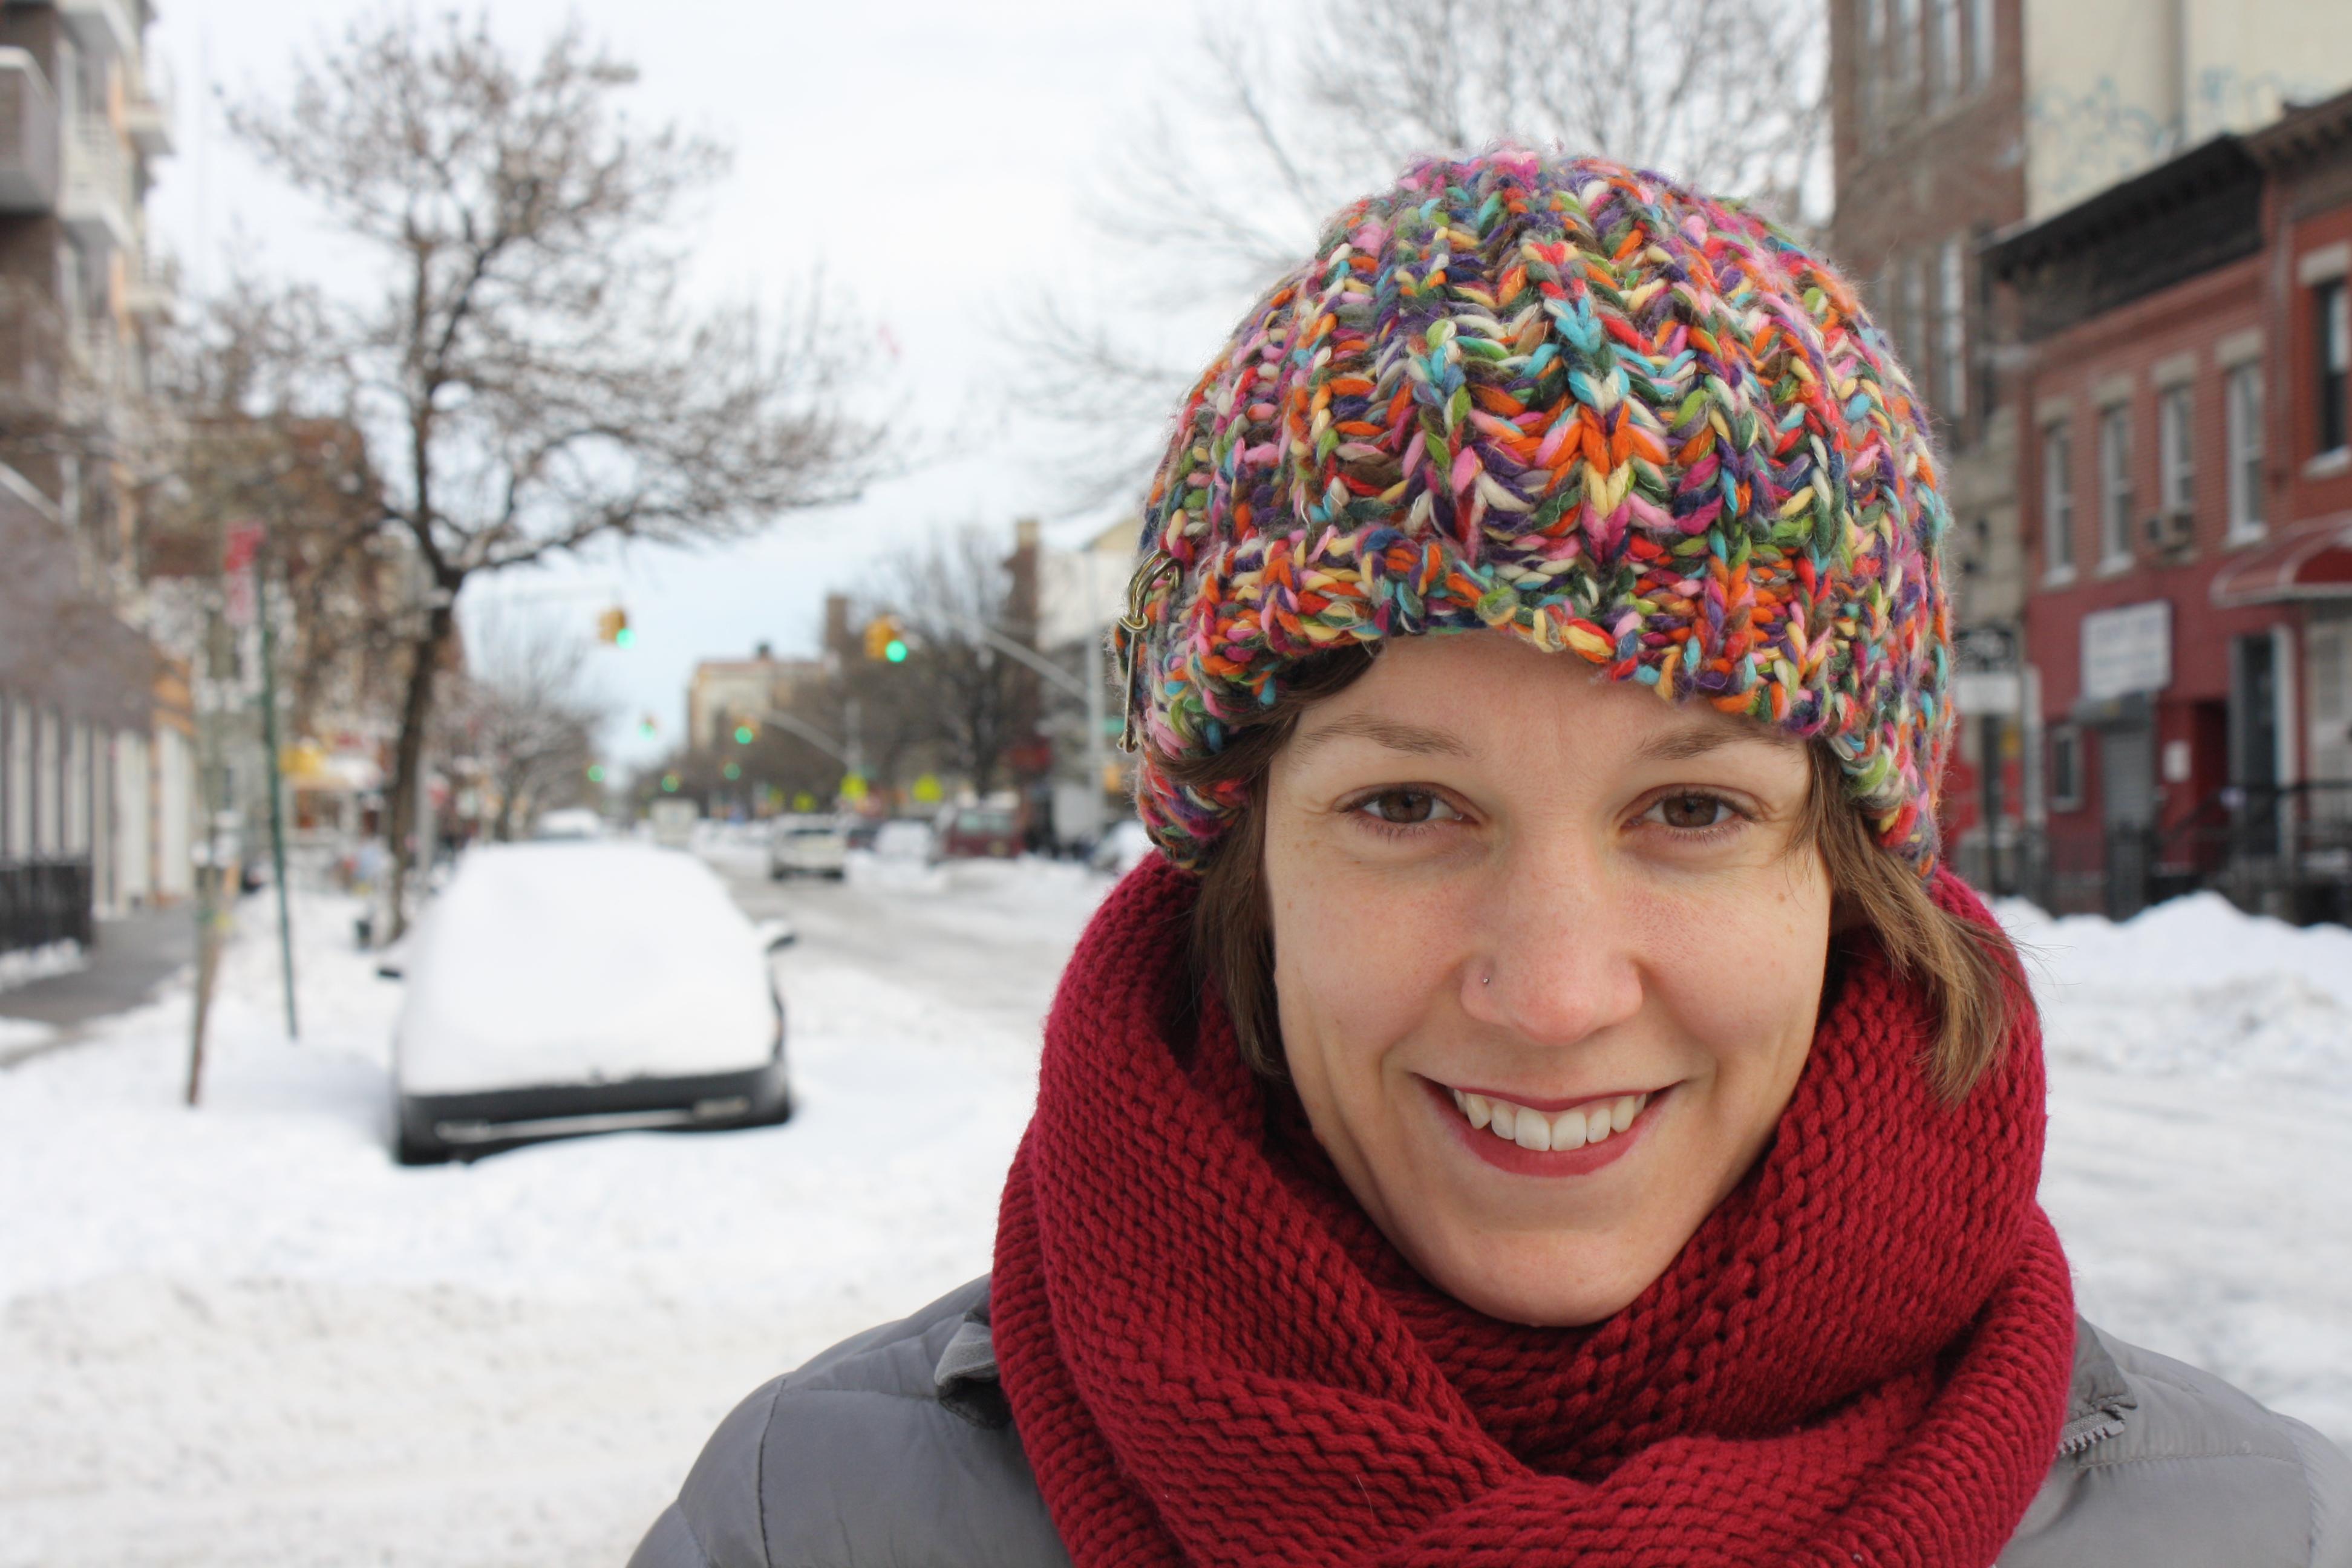 Amanda Eyrich Daly